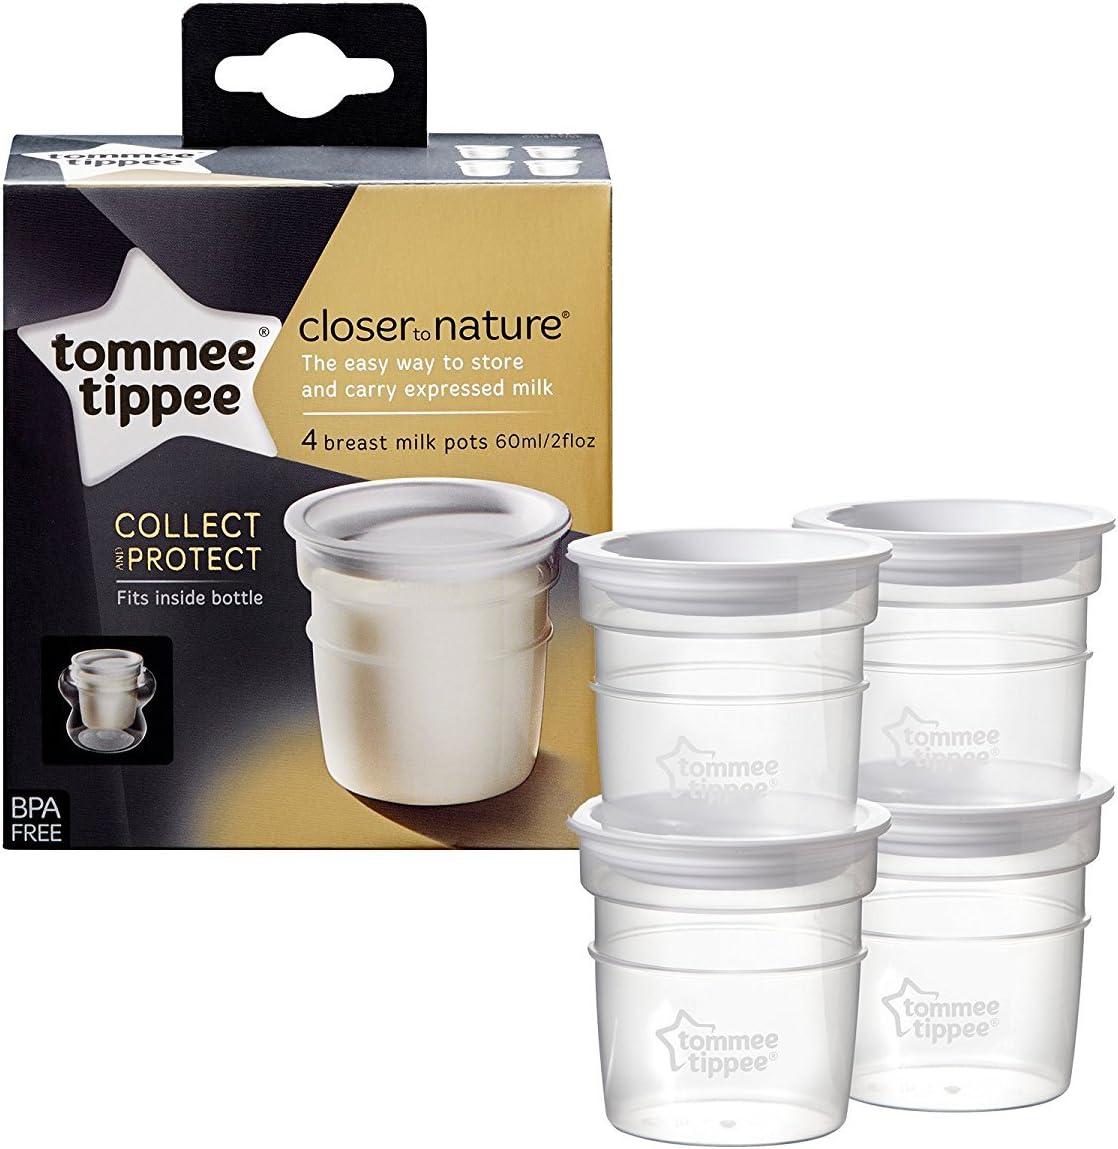 libre de BPA, 0 m+ macetas Tommee Tippee Juego de 4 ollas de almacenamiento de leche para beb/és